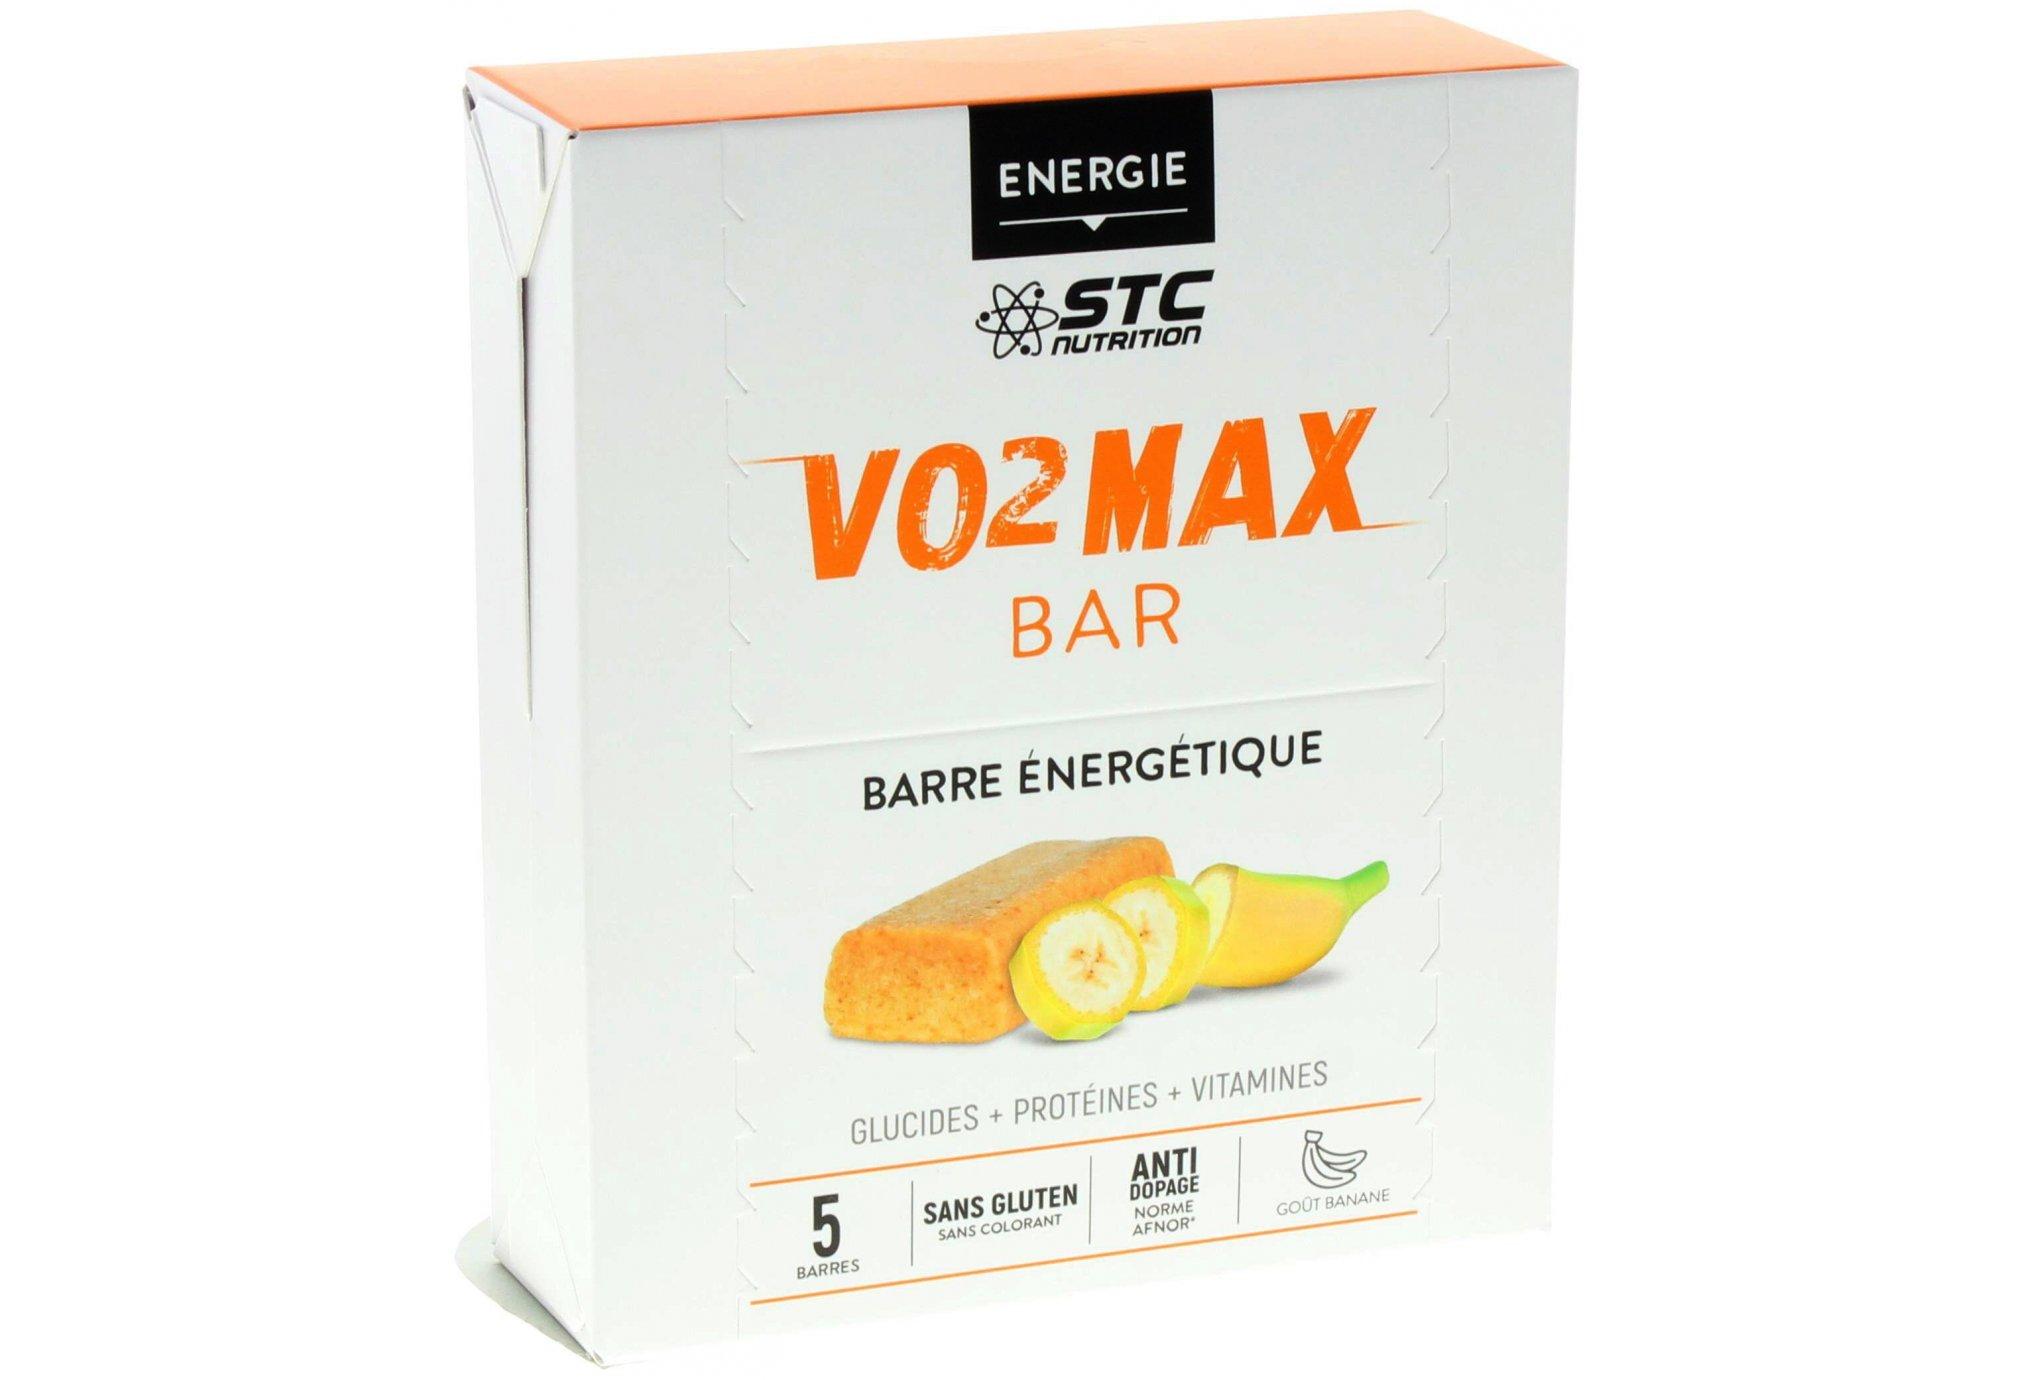 STC Nutrition Etui 5 barres VO2 Max Banane Diététique Barres